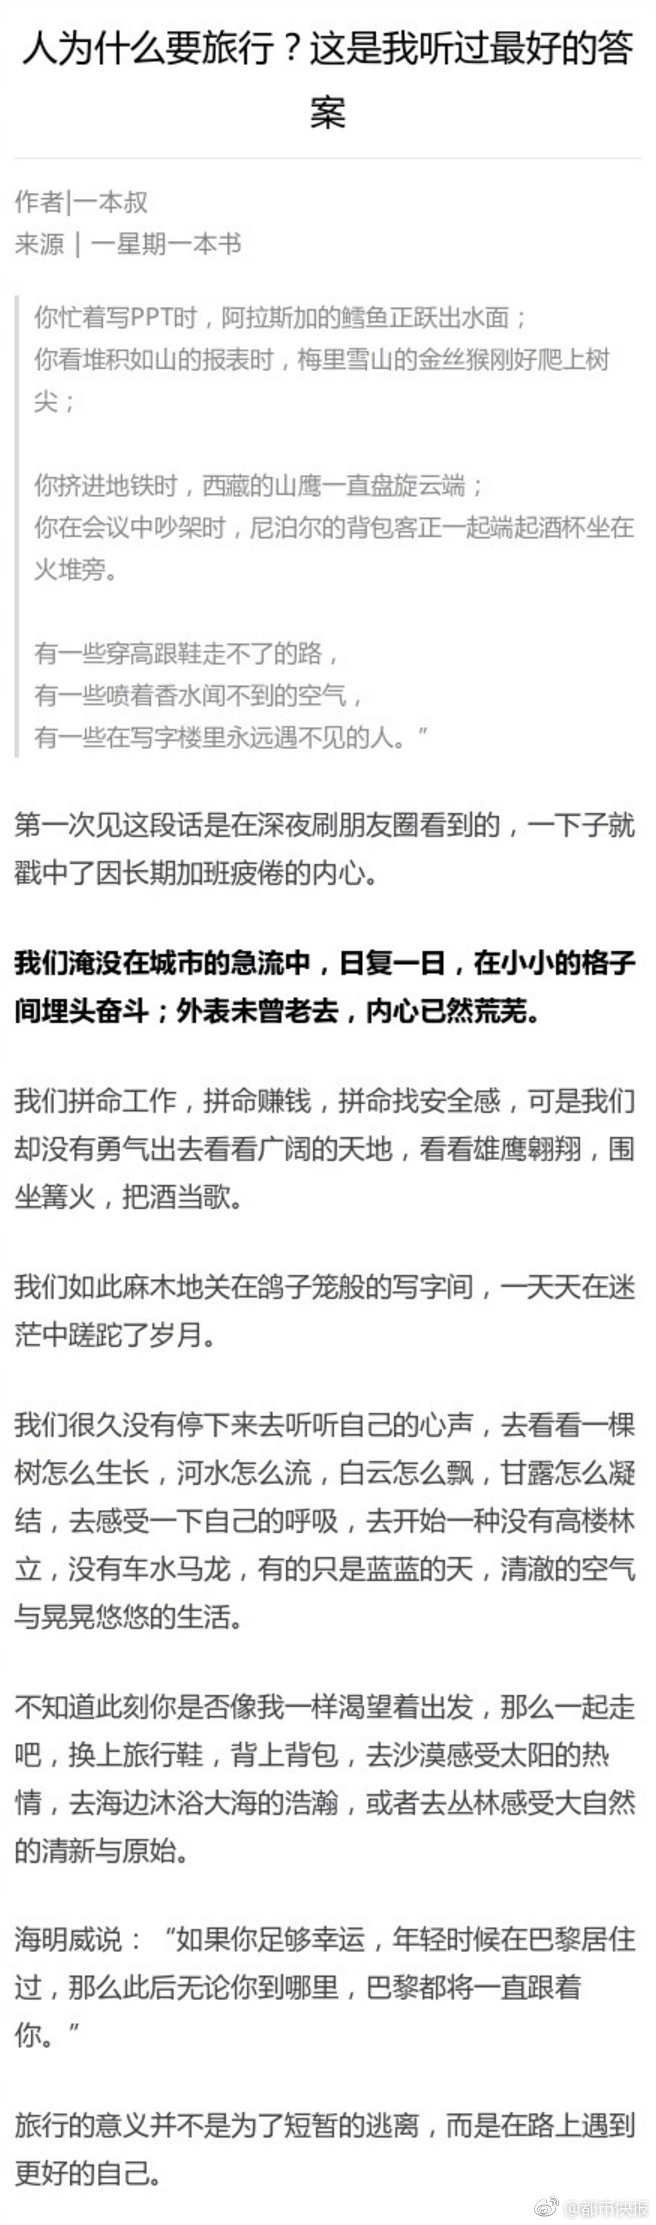 曾志权案开庭:被控受贿1.4亿_天天彩票福利三分彩